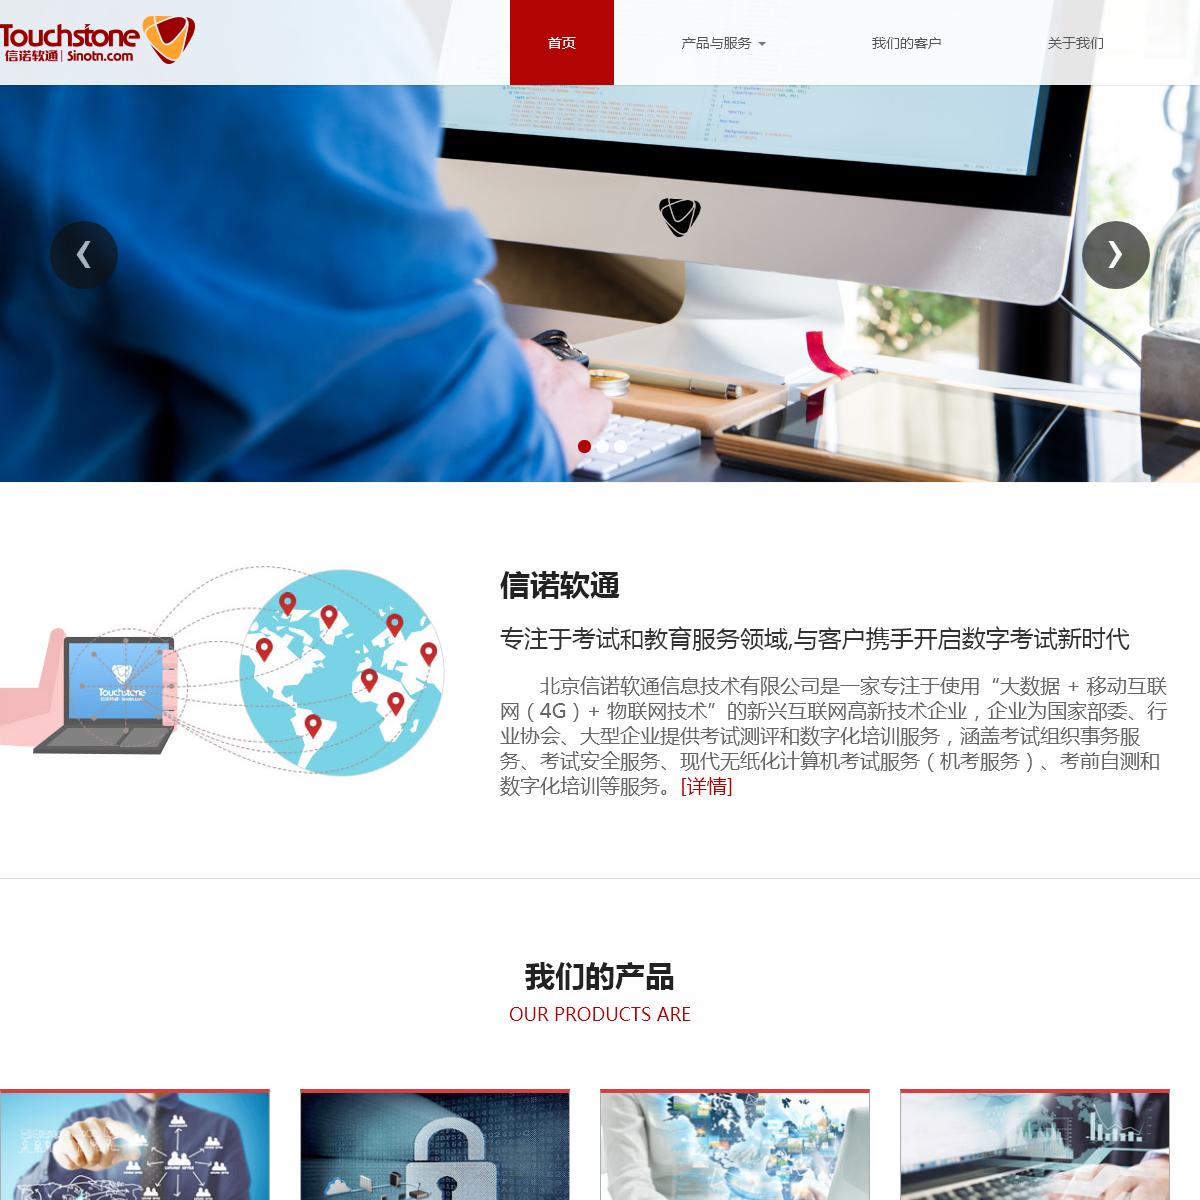 信诺软通-TouchStone